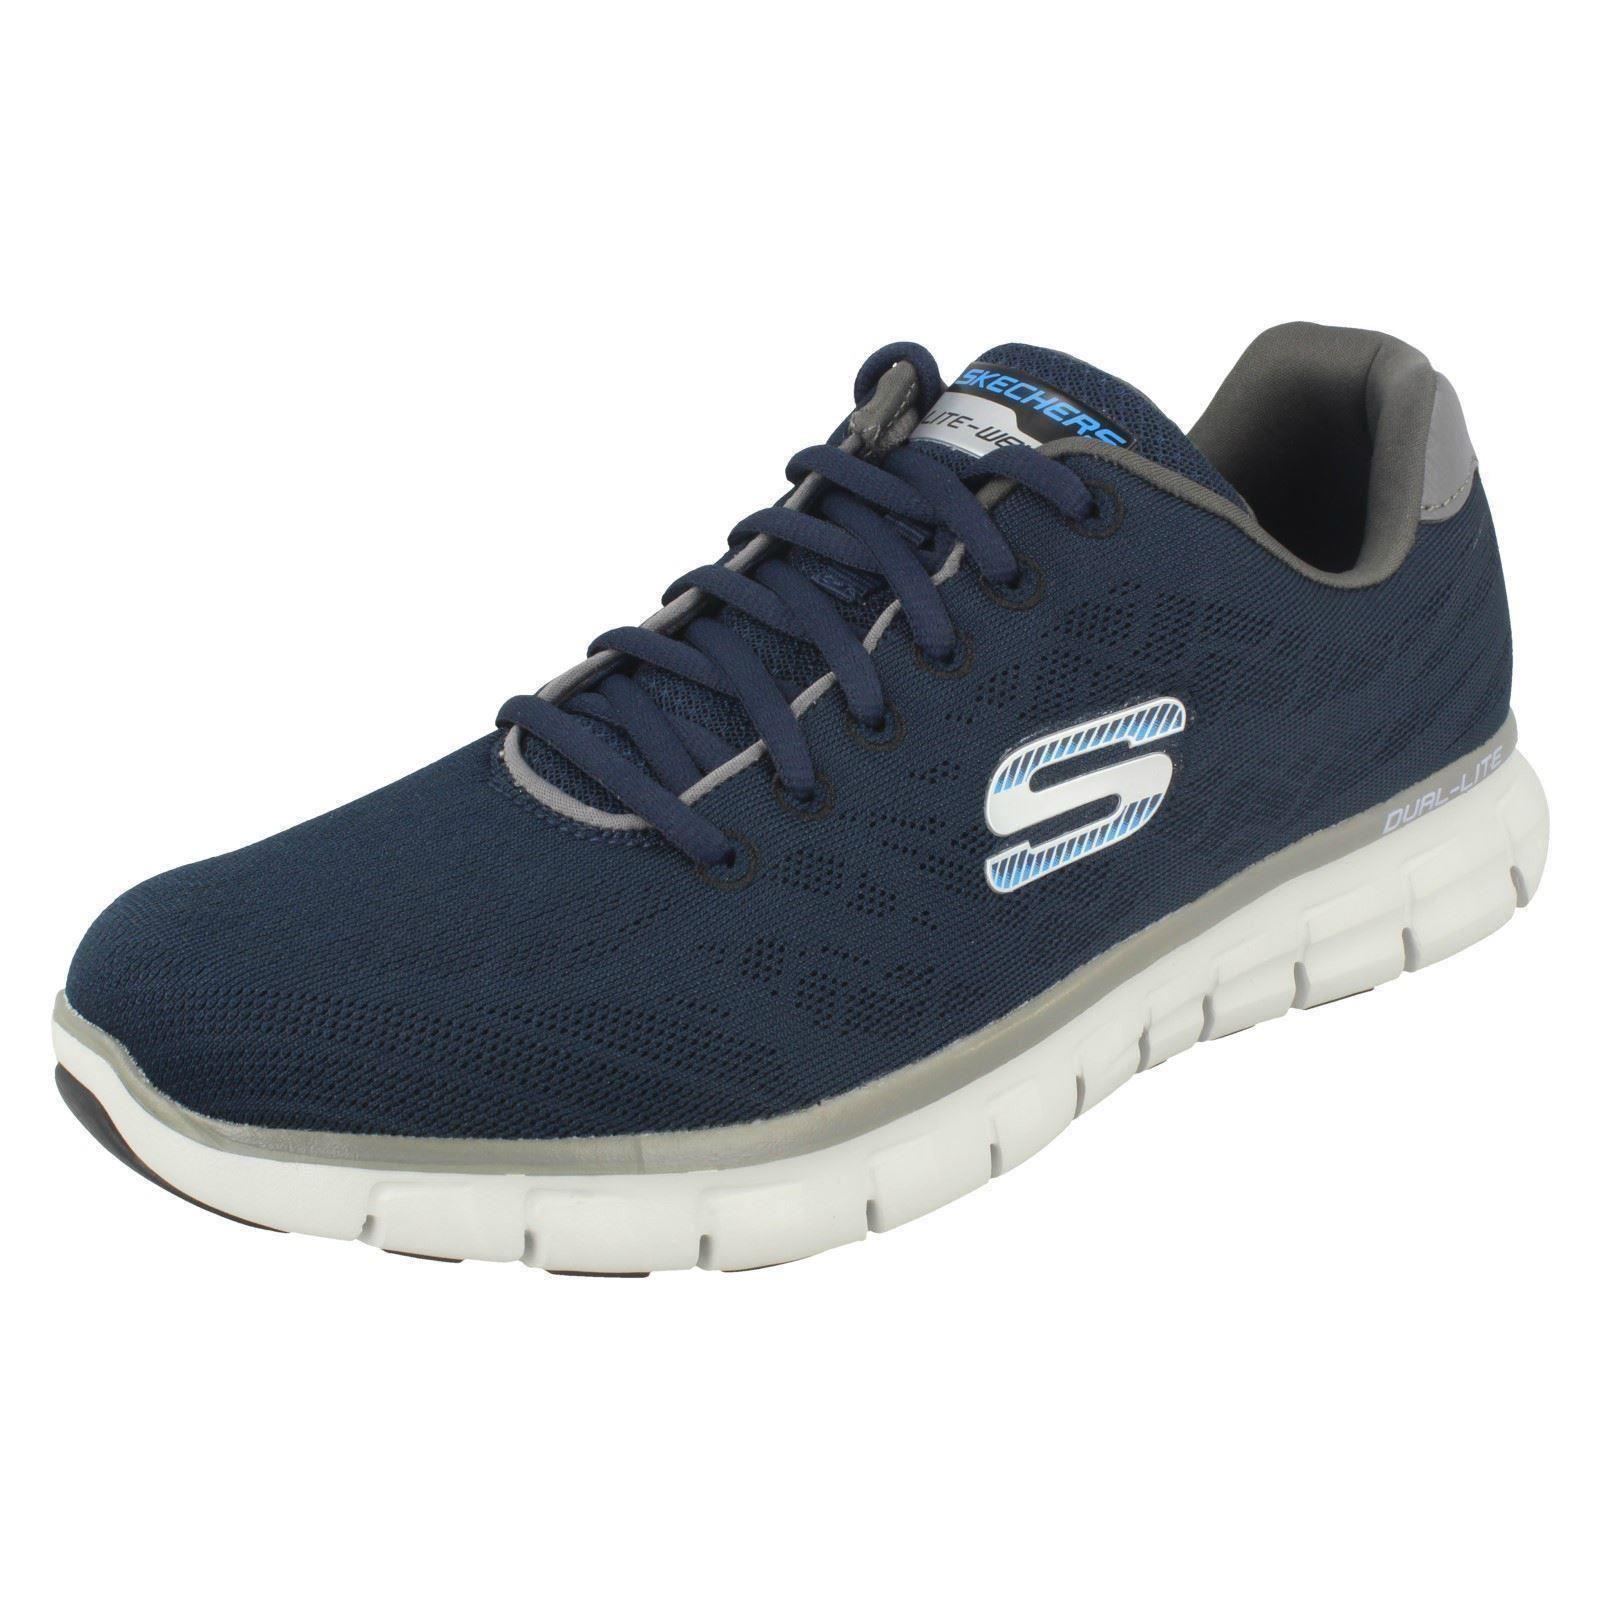 SKECHERS D'Lux Walker scarpa sportiva navygrigio